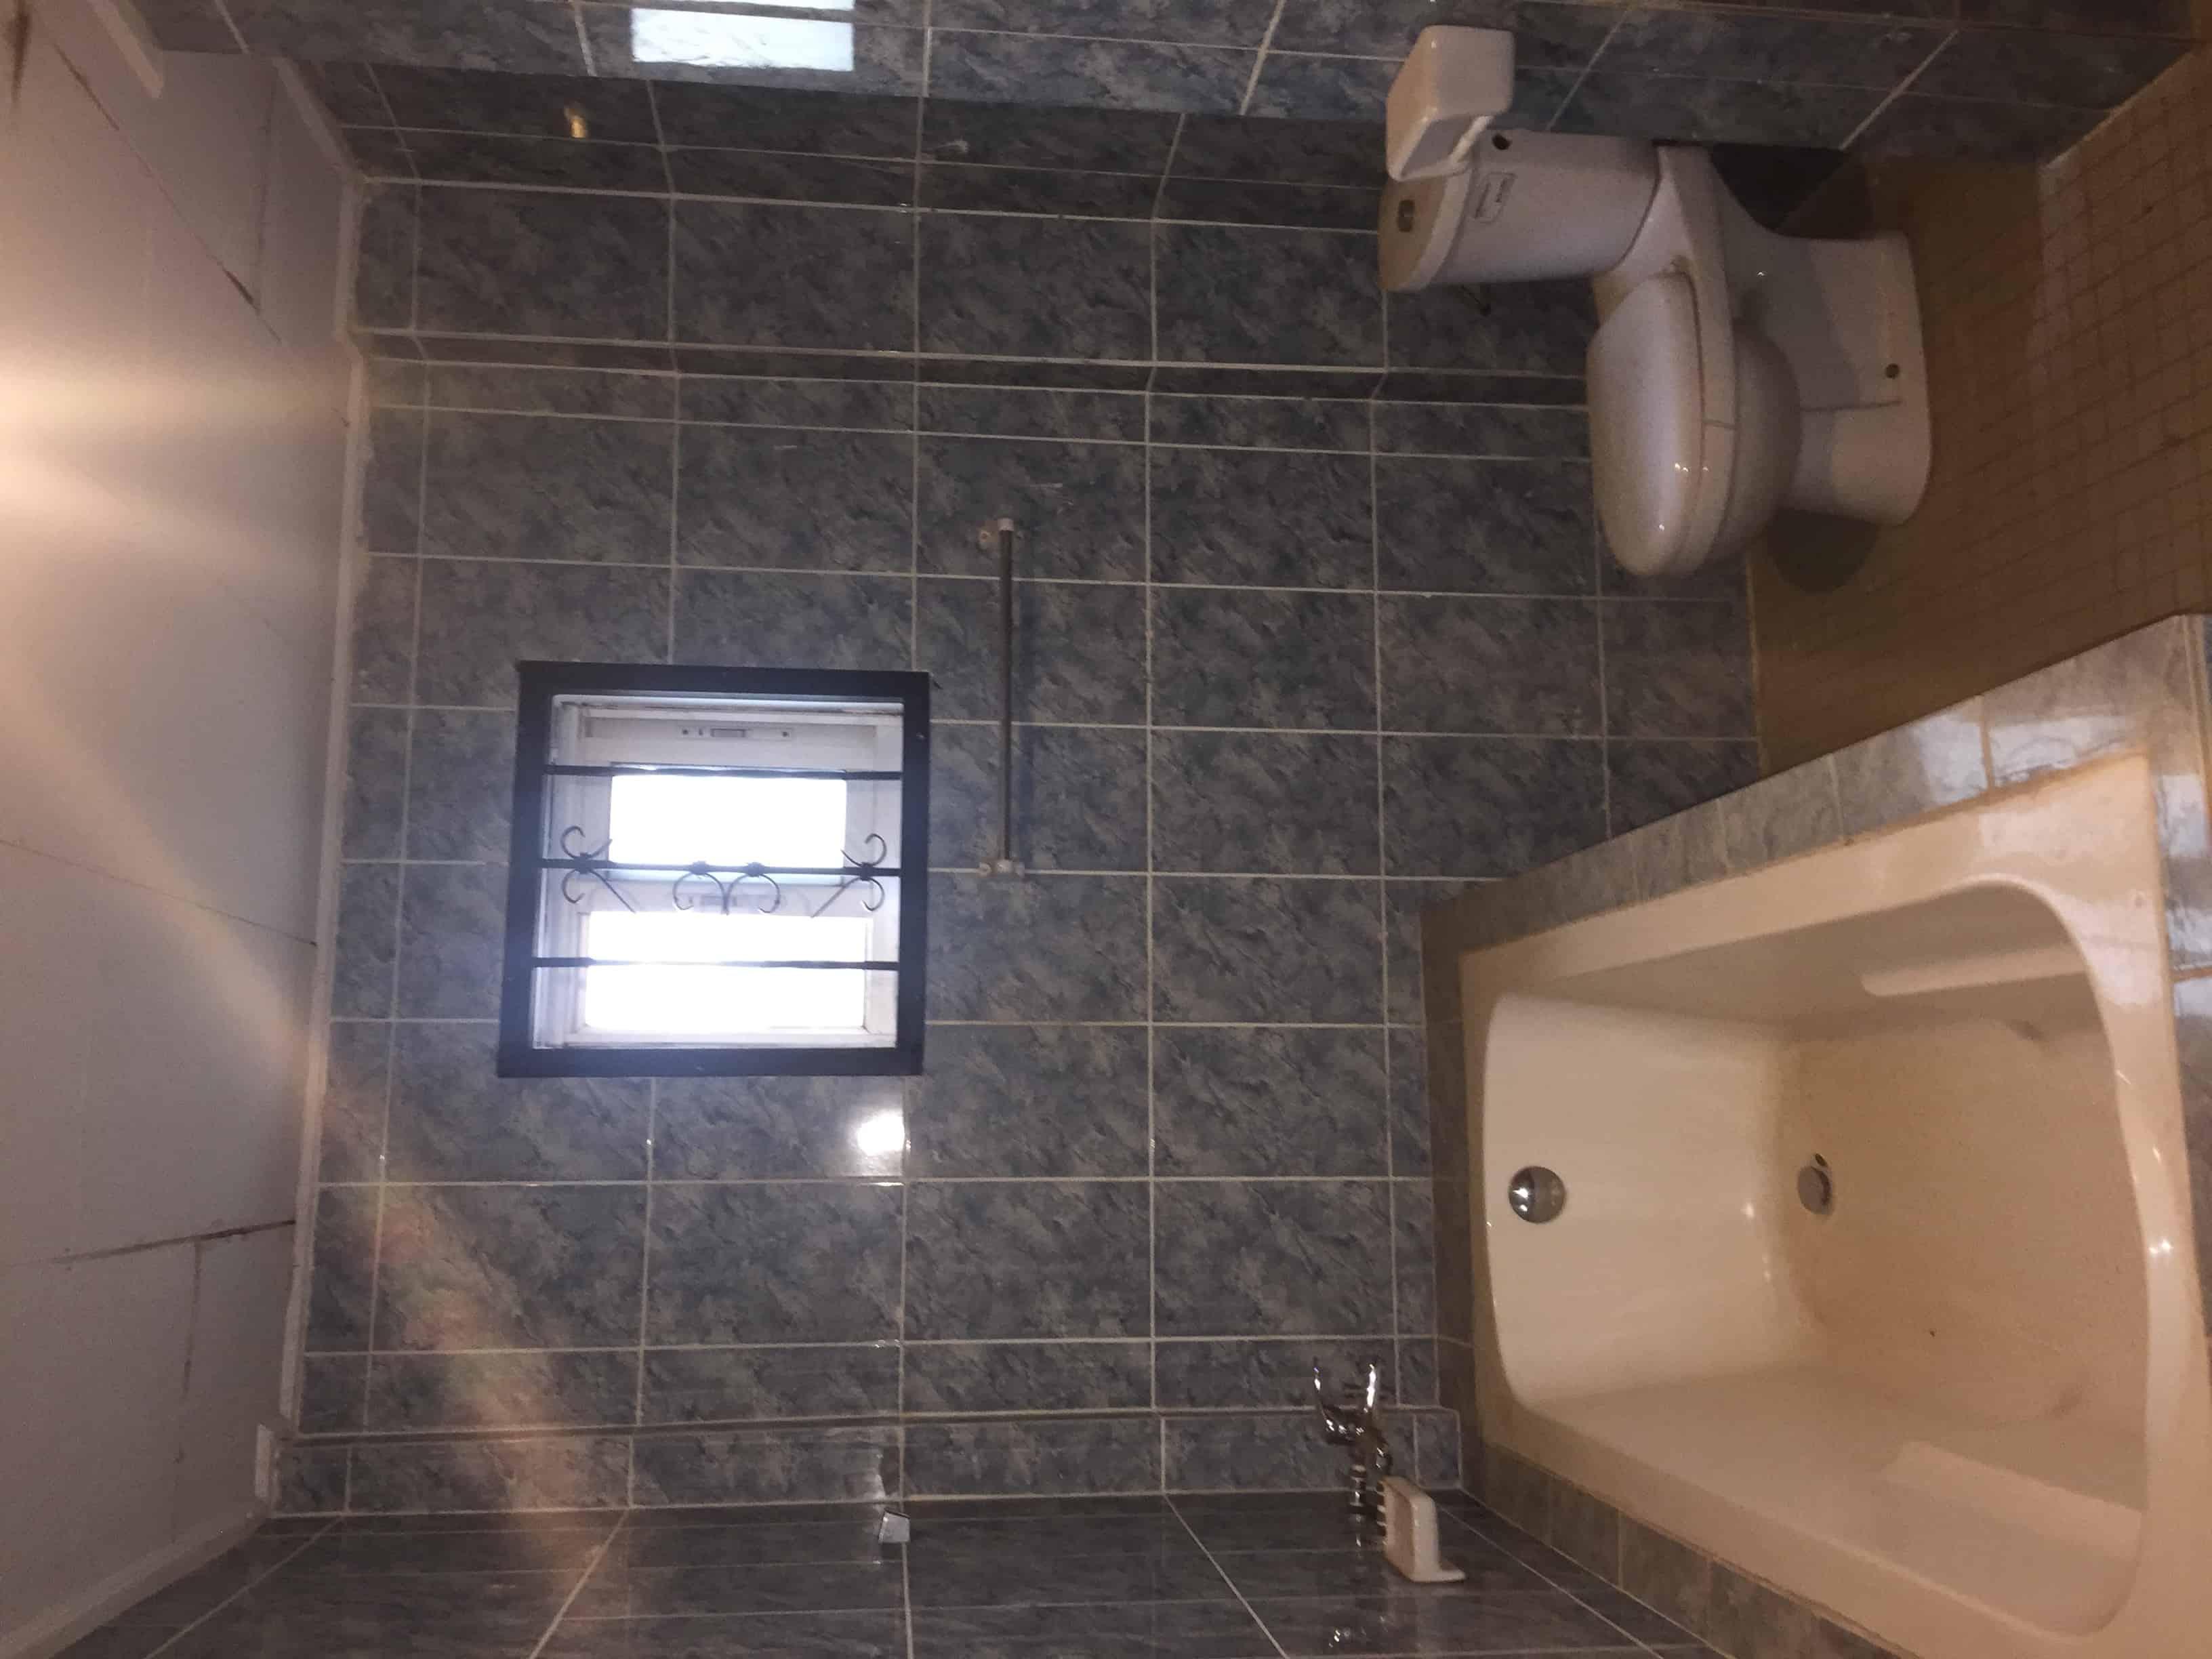 Apartment to rent - Yaoundé, Bastos, Quartier Golf - 1 living room(s), 3 bedroom(s), 2 bathroom(s) - 1 000 000 FCFA / month